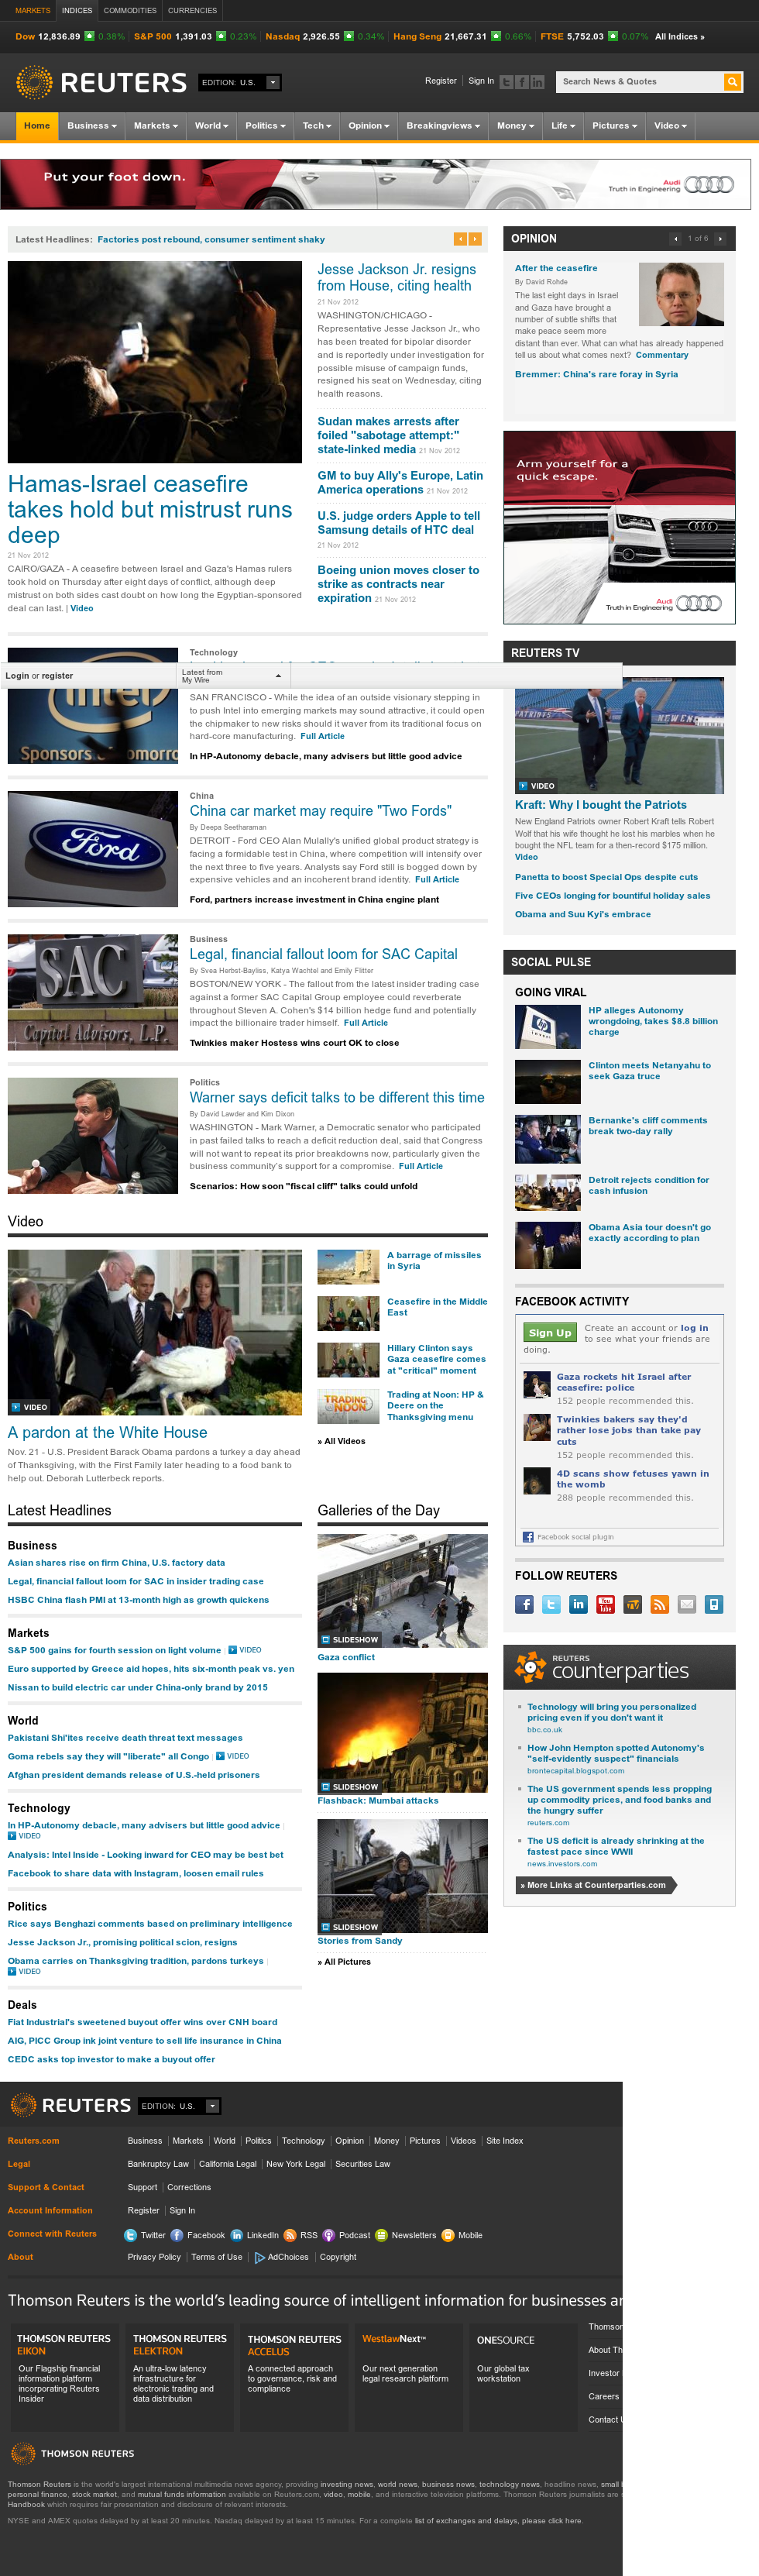 Reuters at Thursday Nov. 22, 2012, 5:31 a.m. UTC